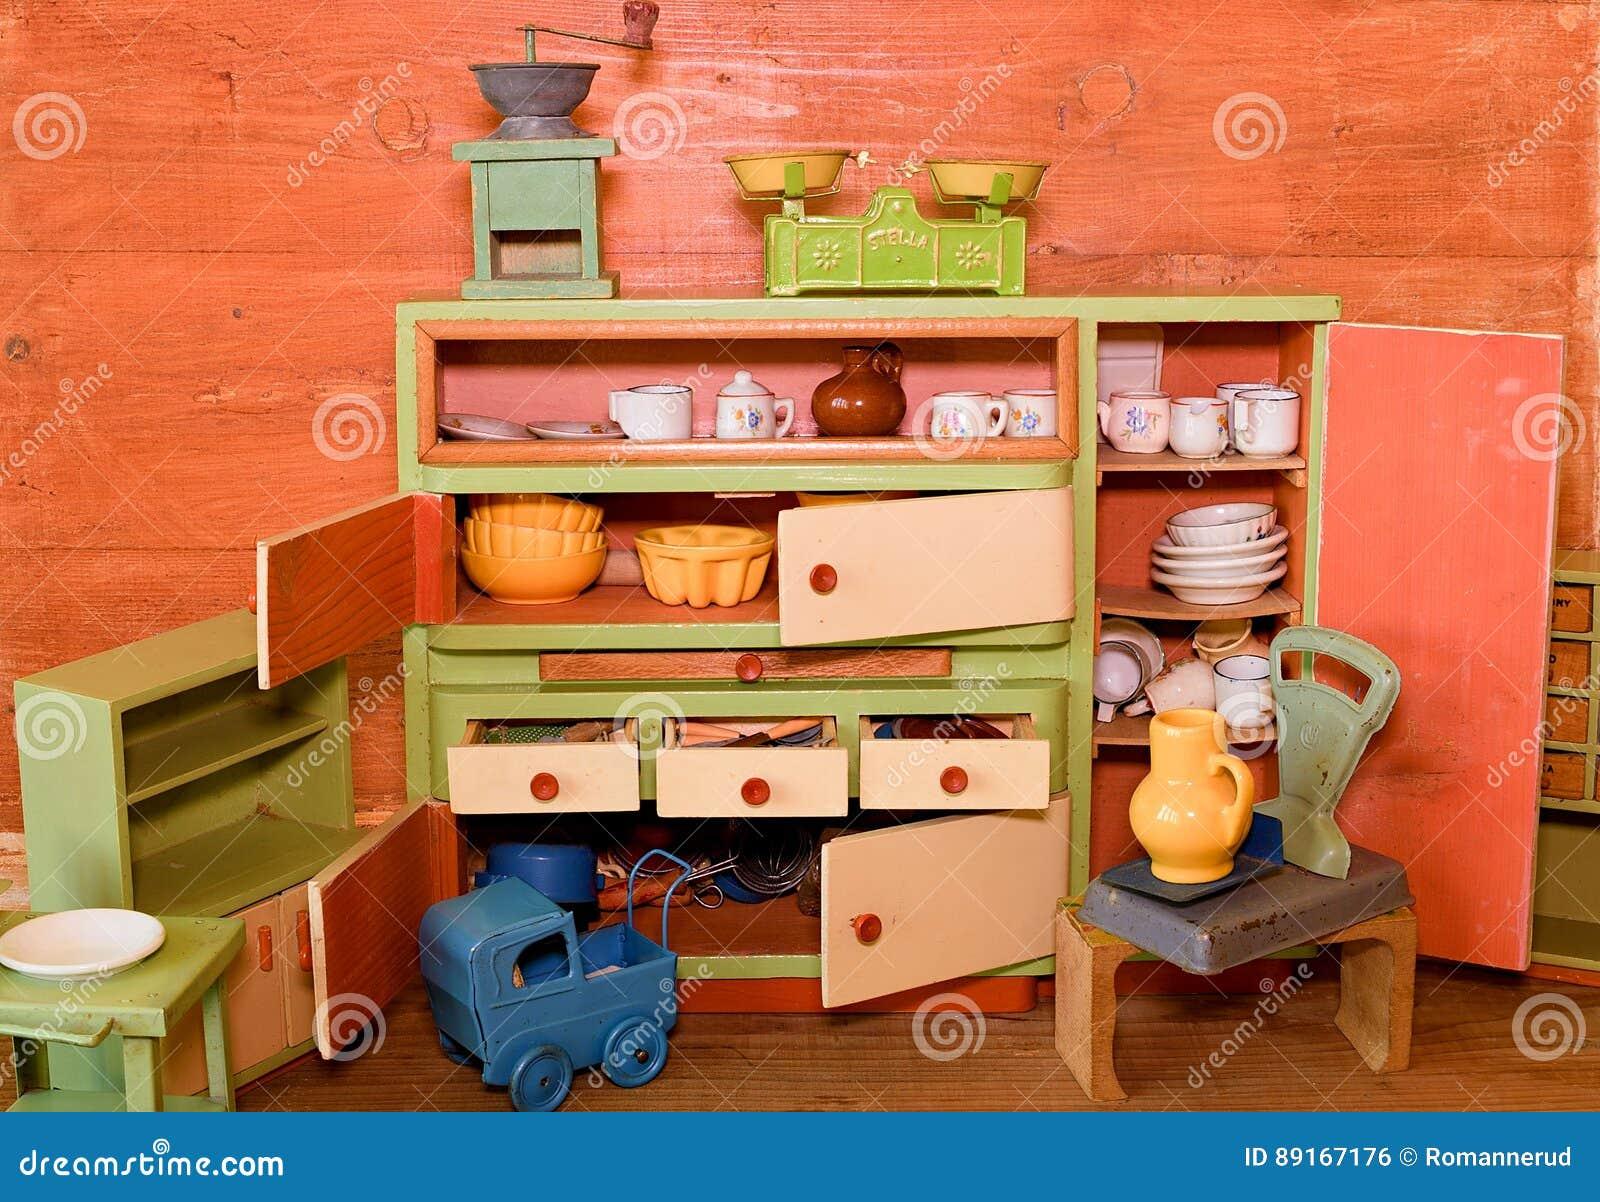 Houten Keuken Speelgoed : Uitstekend speelgoed voor meisjes houten stuk speelgoed keuken